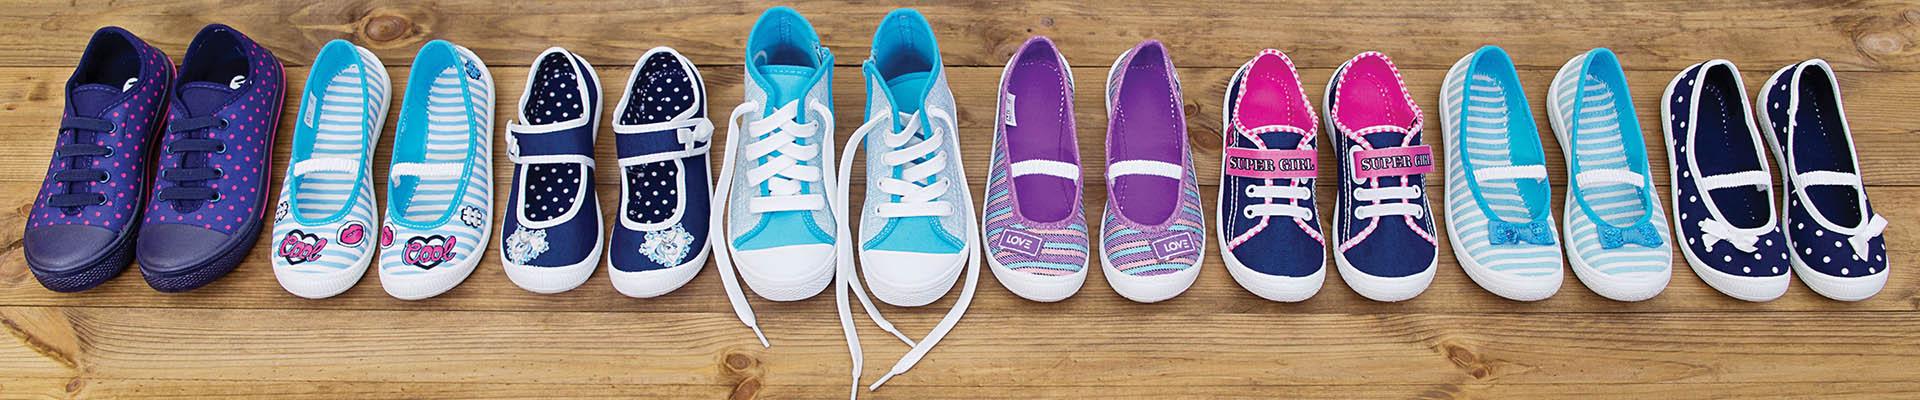 Textile shoes on PVC sole